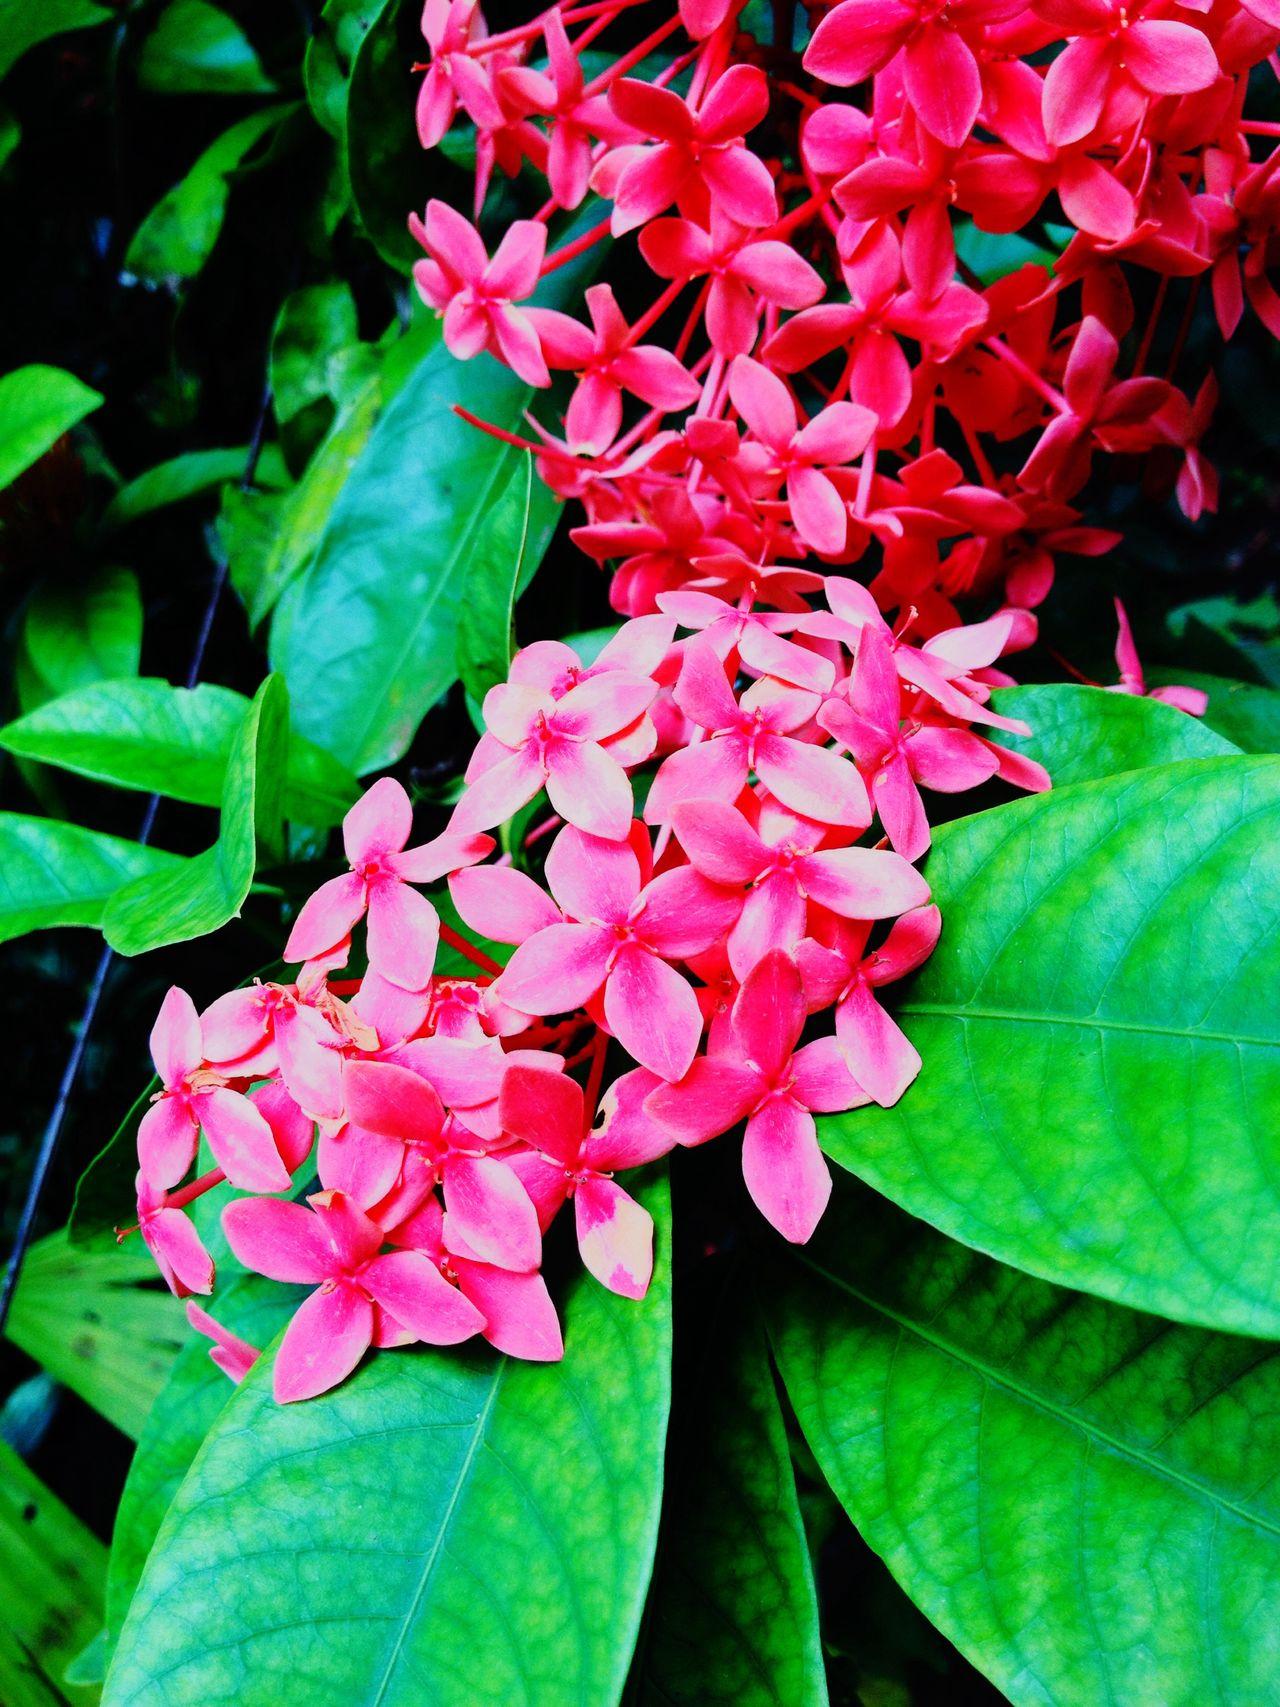 Pink Diversidad Naturaleza🌾🌿 Fotografia